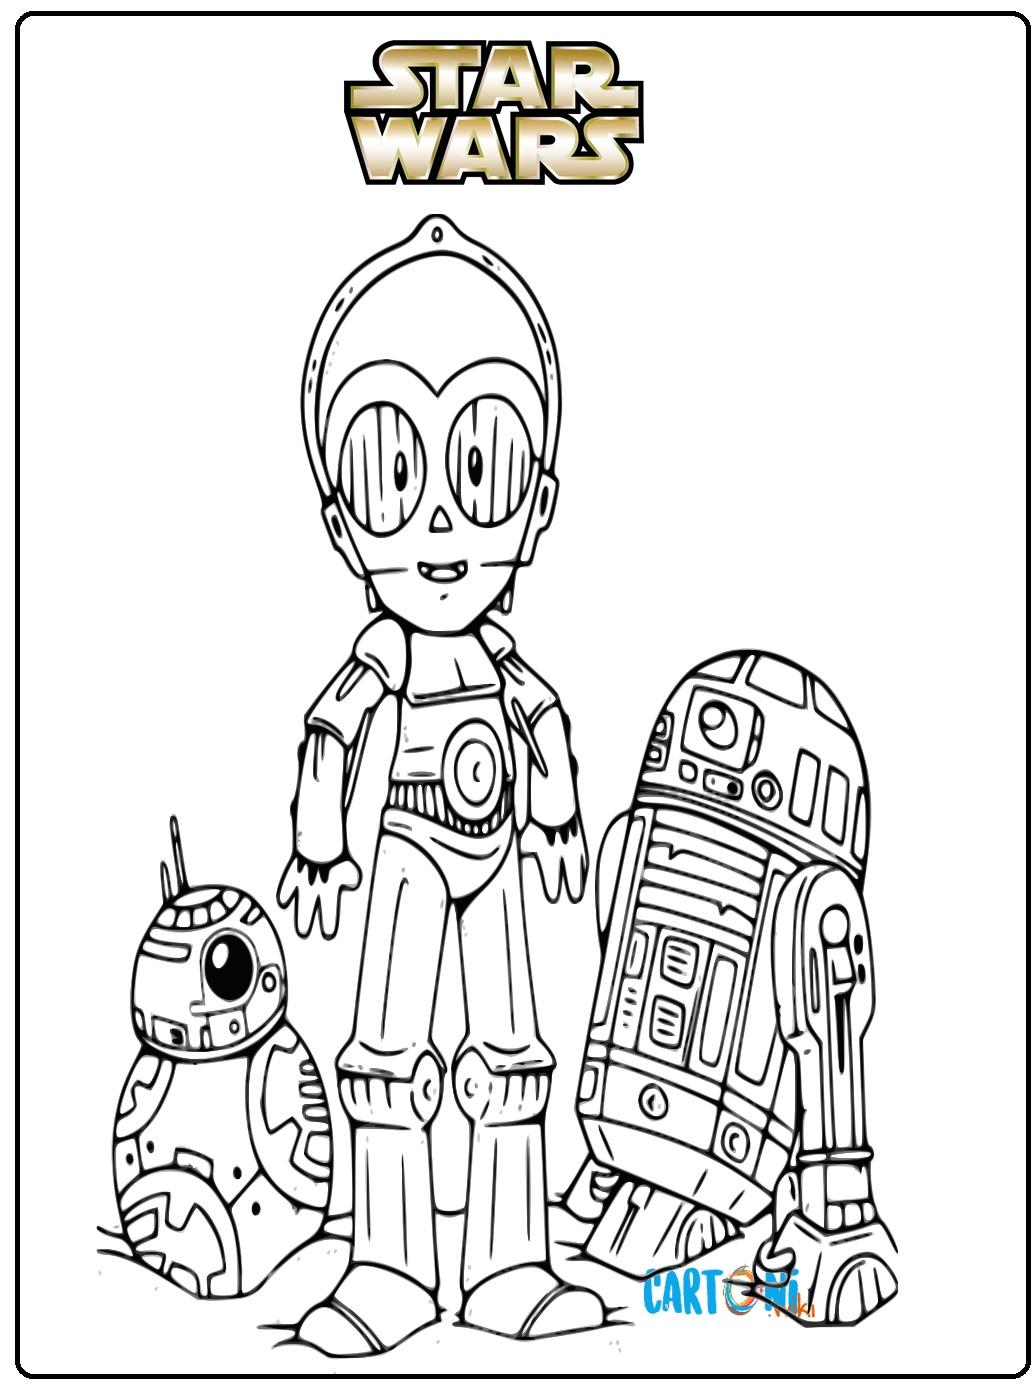 Star Wars Disegni Per Bambini Cartoni Animati